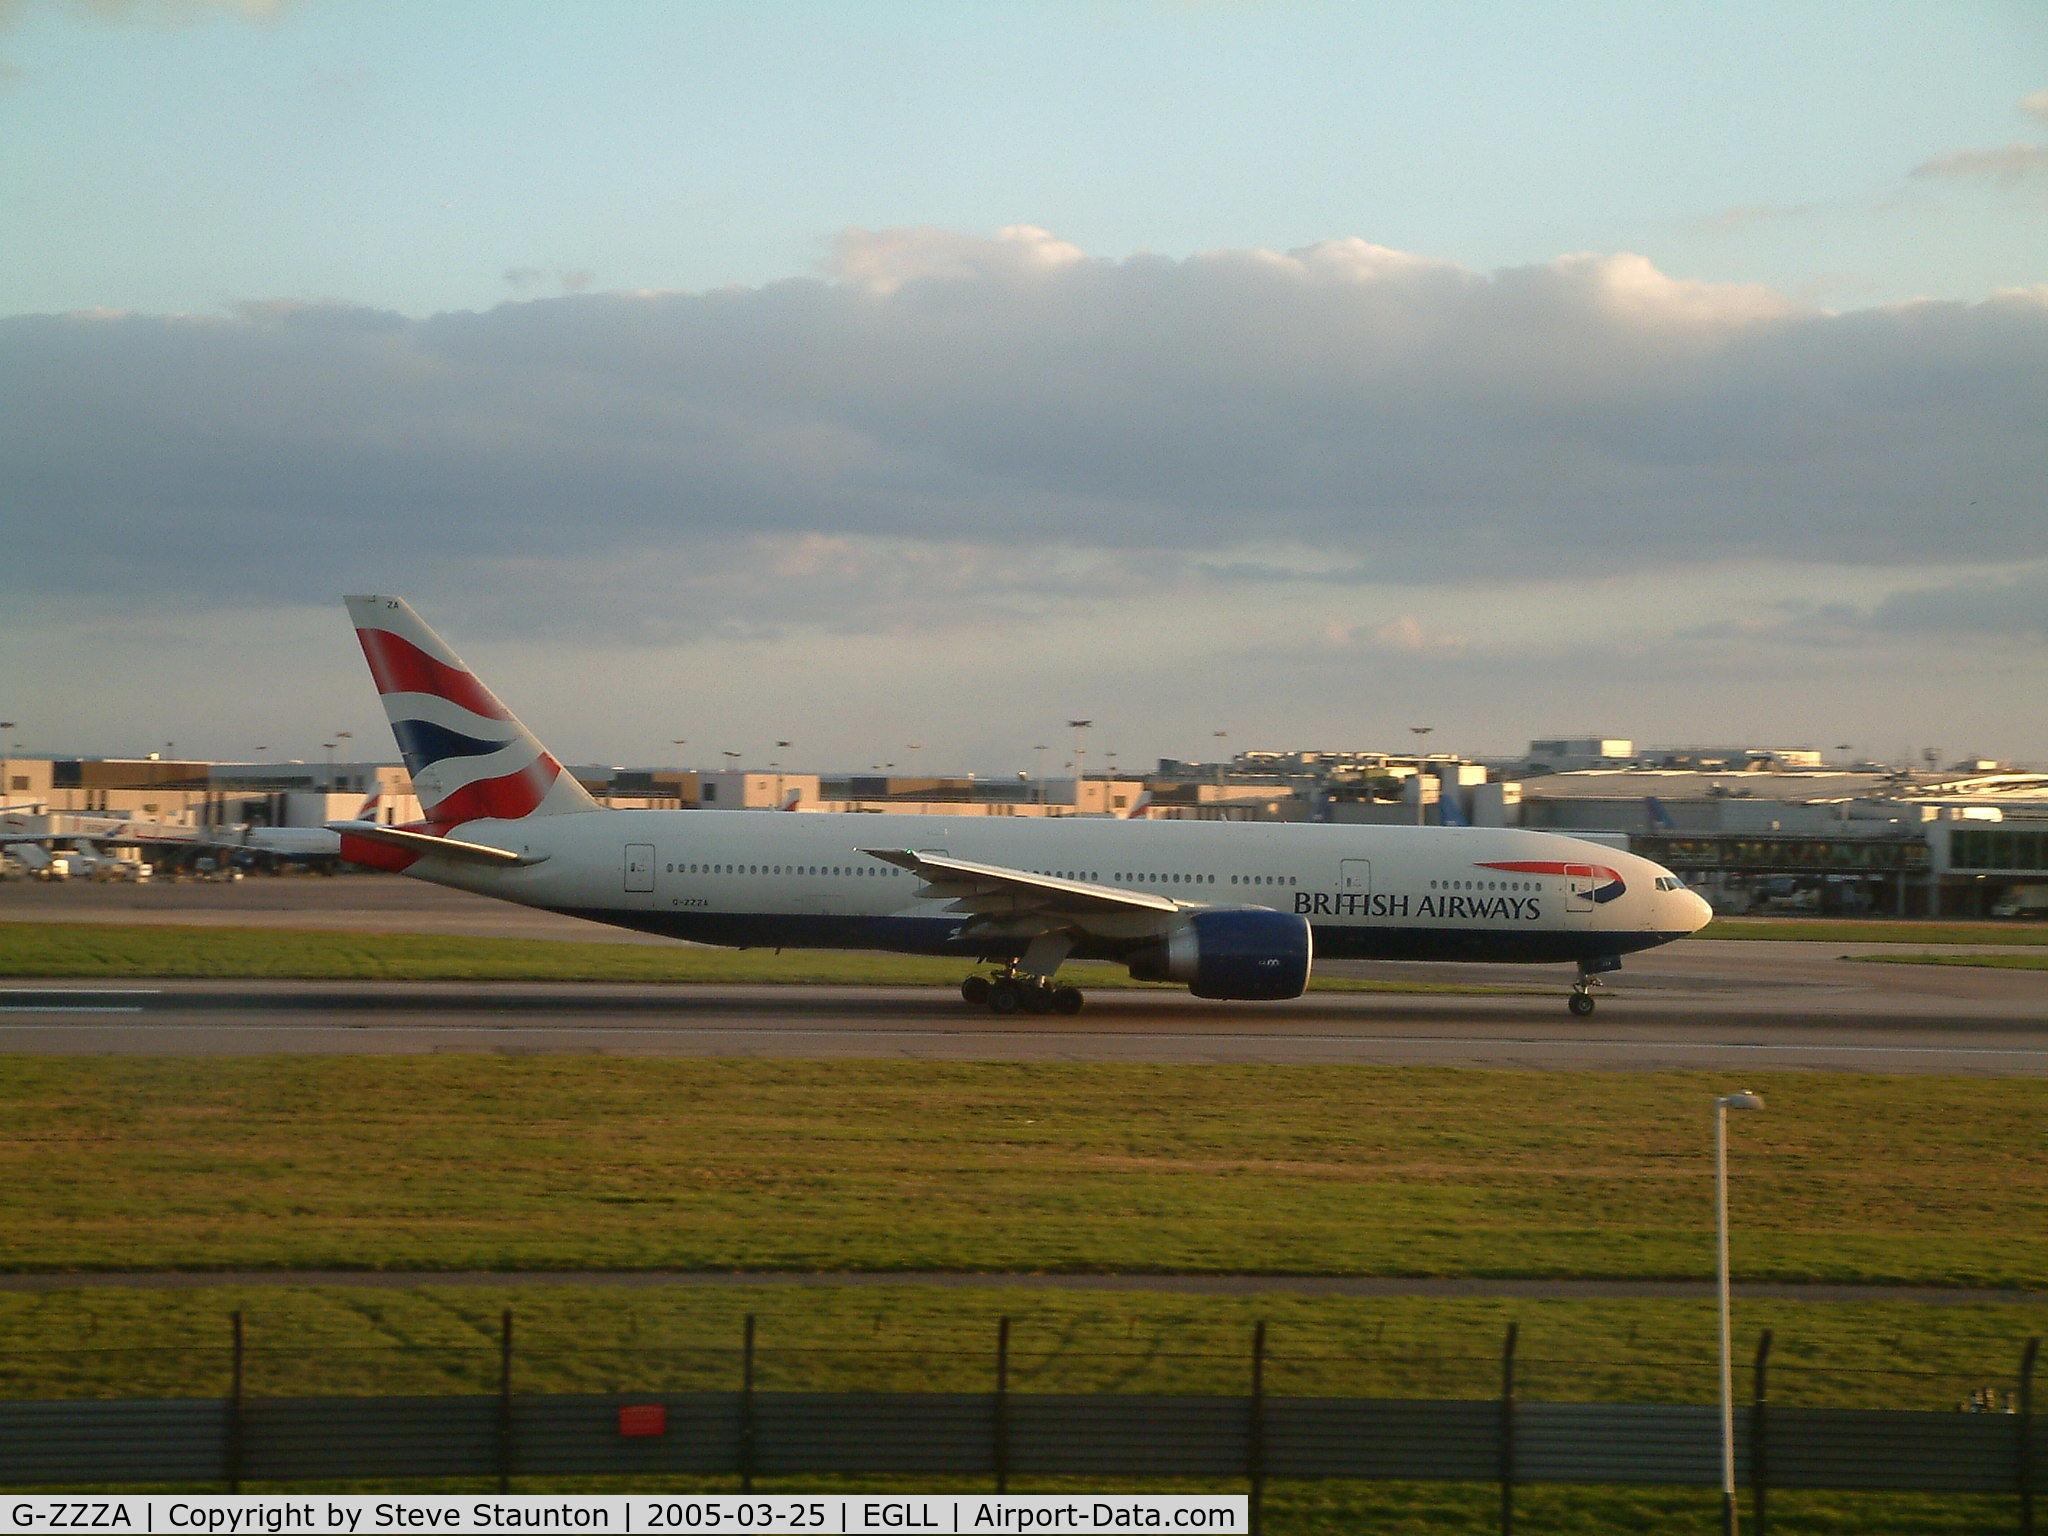 G-ZZZA, 1995 Boeing 777-236 C/N 27105, Taken at Heathrow Airport March 2005